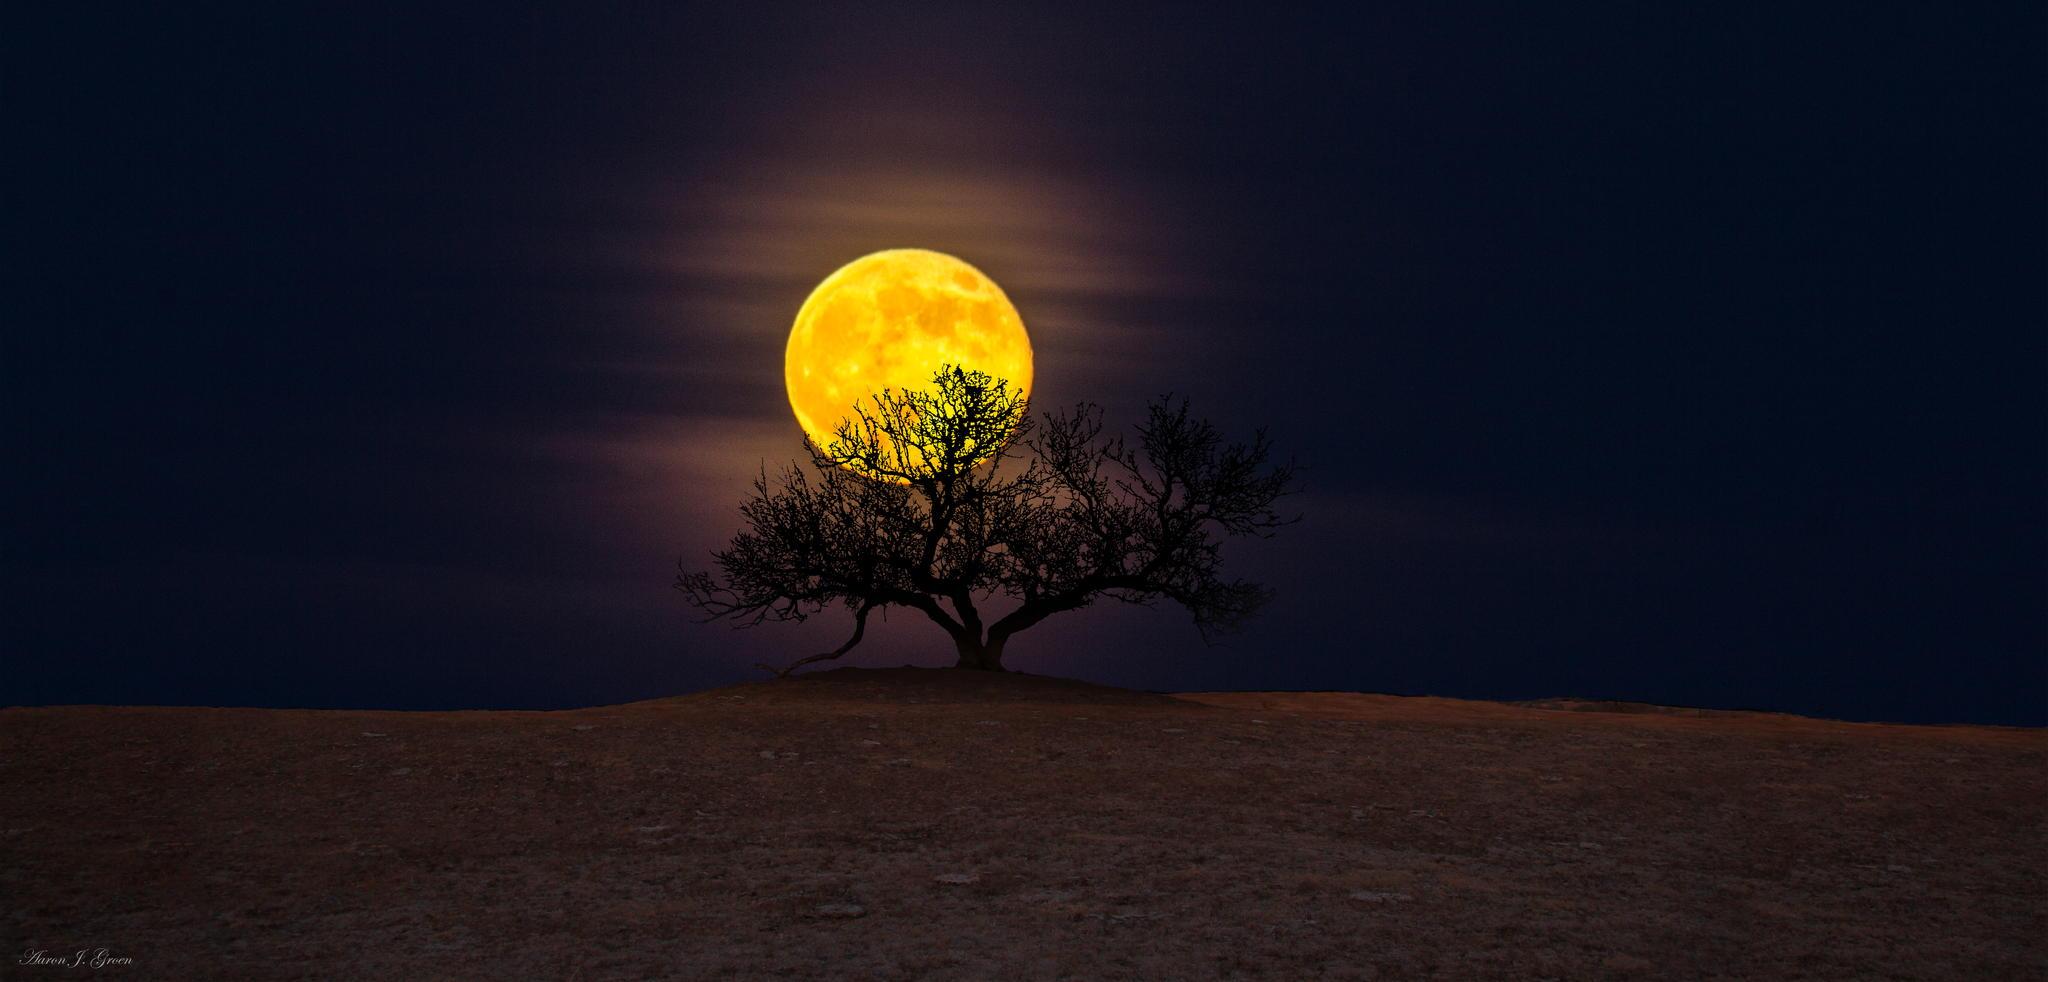 Tree-of-Wisdom-Aaron-J.-Groen